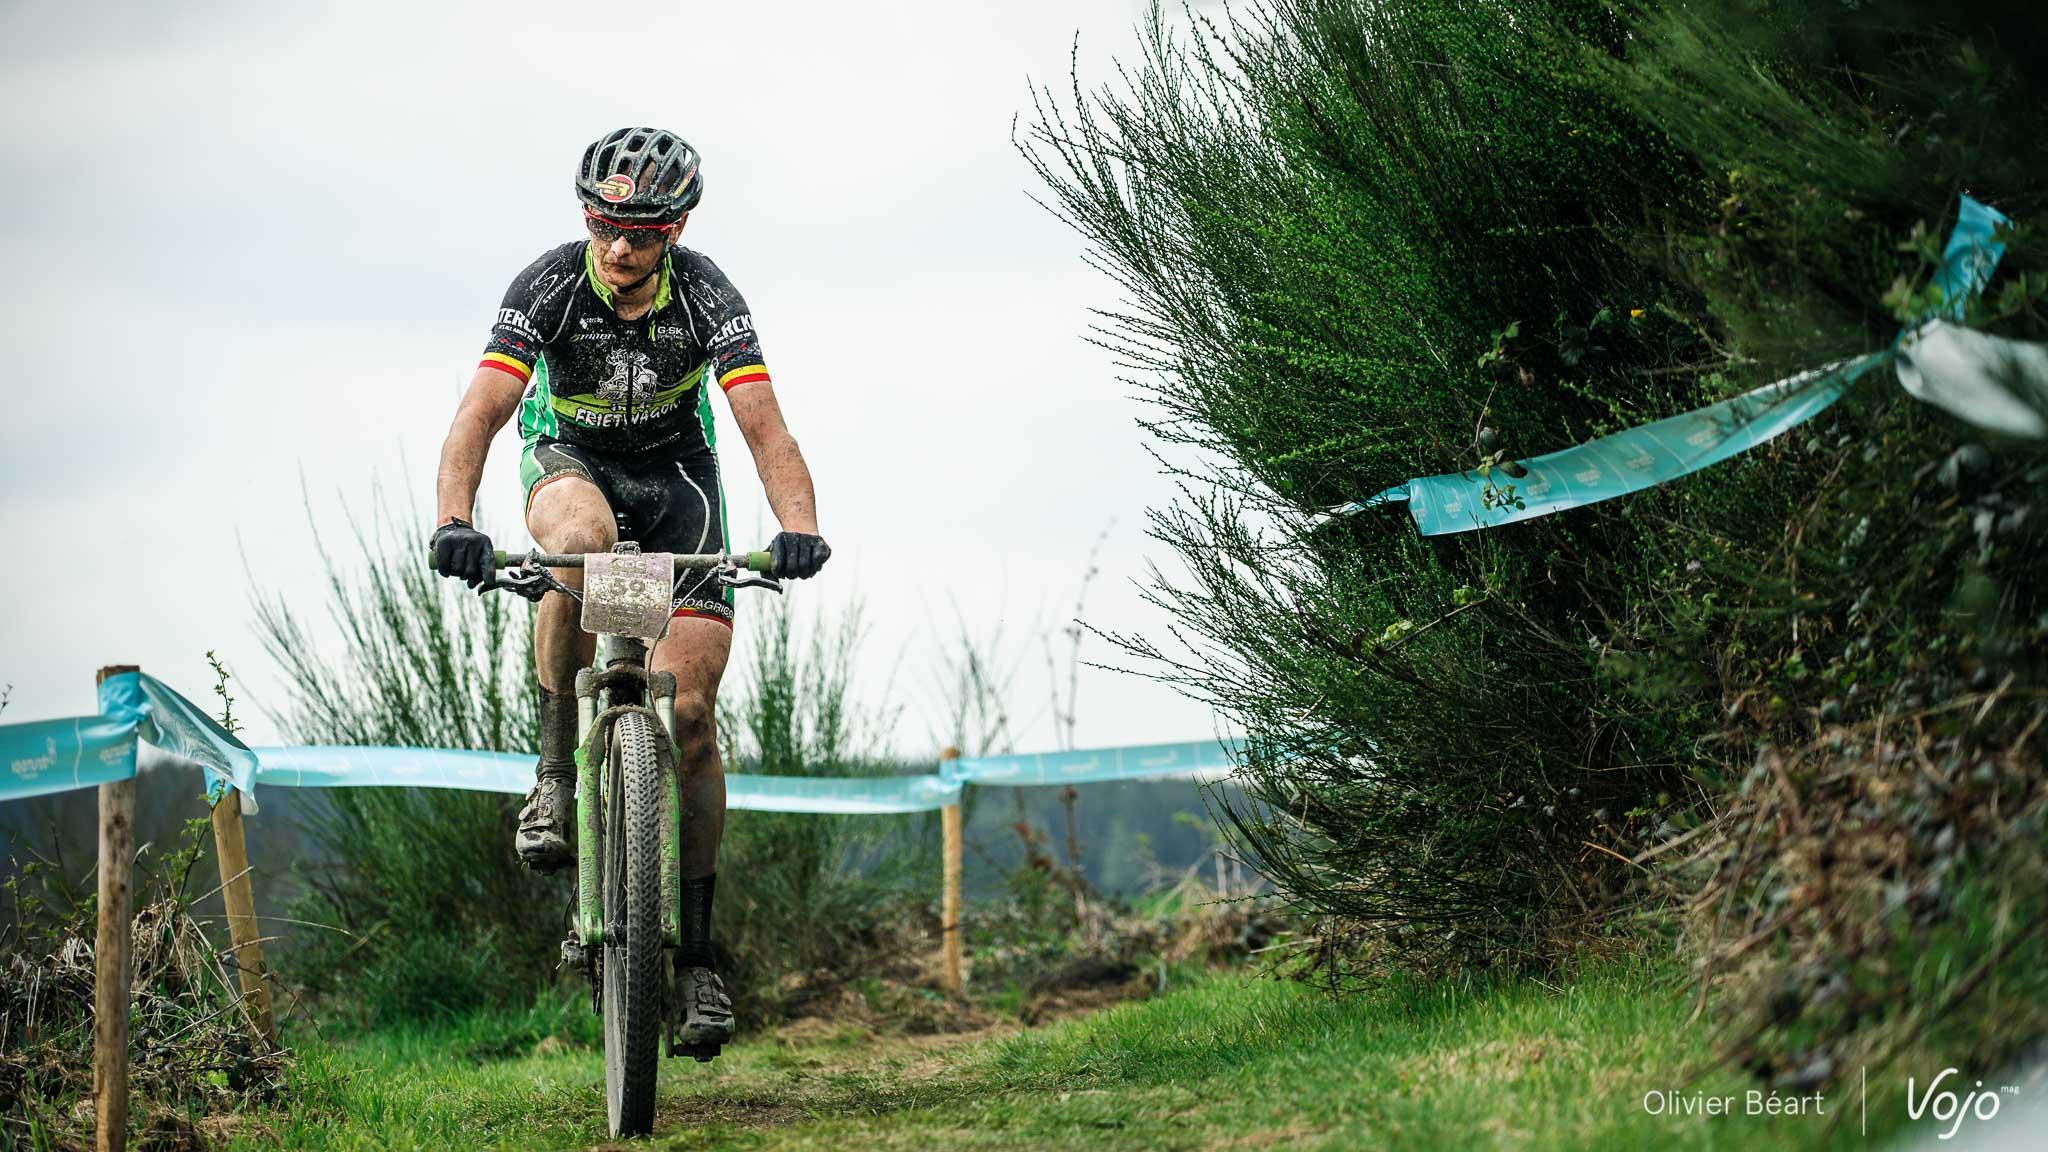 Roc_Ardenne_Marathon_Copyright_OBeart_VojoMag-19